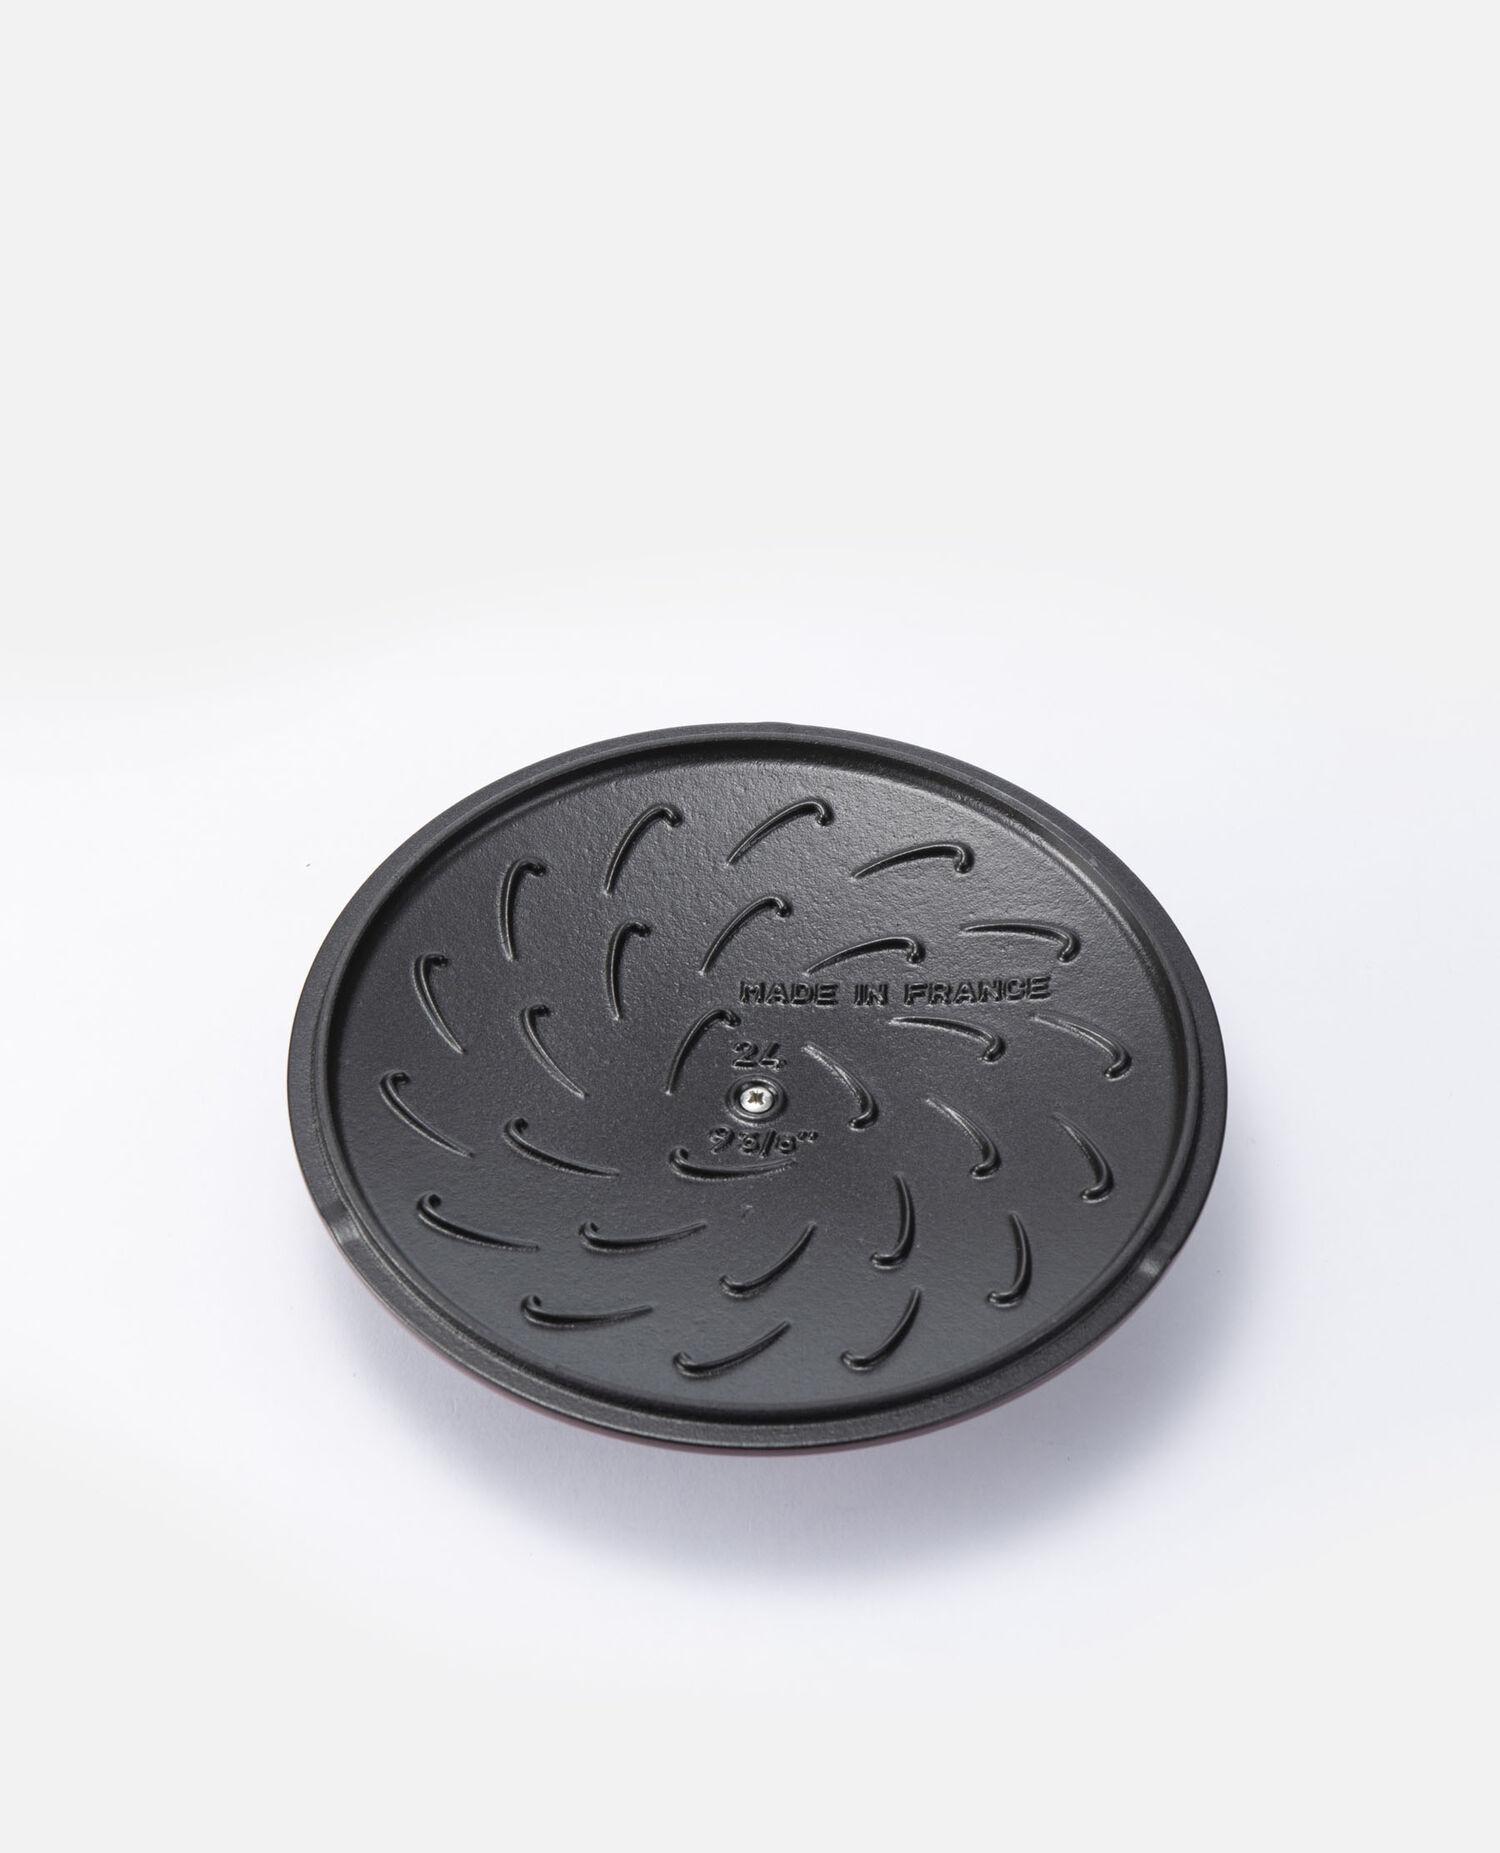 ブレイザー ソテーパン 24cm グレナディンレッド